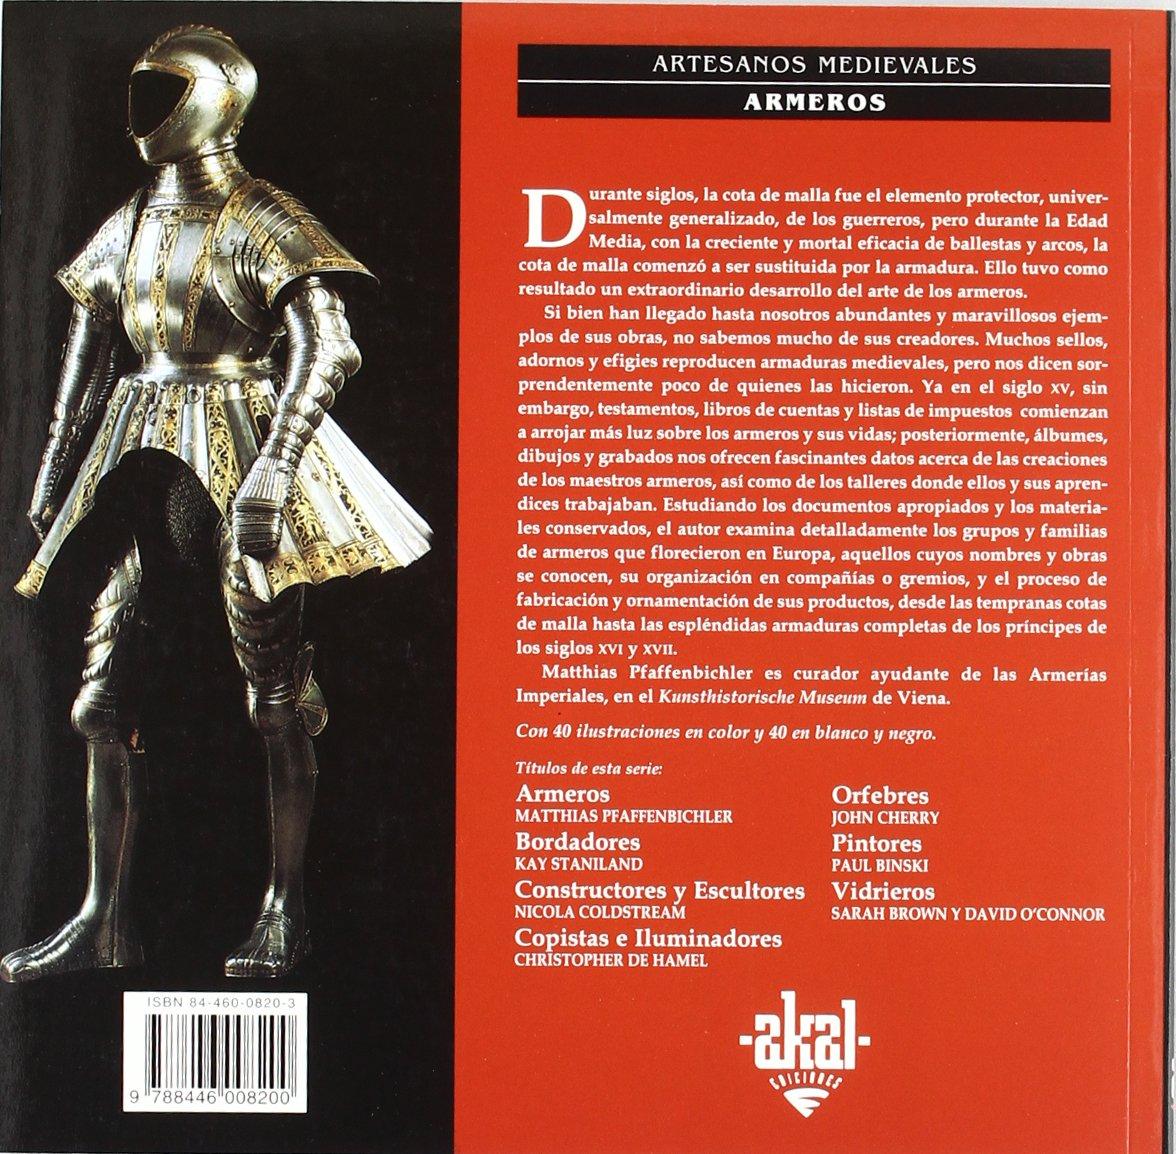 Armeros (Artesanos medievales): Amazon.es: Matthias Pfaffenbichler, Julio Rodríguez Puértolas: Libros